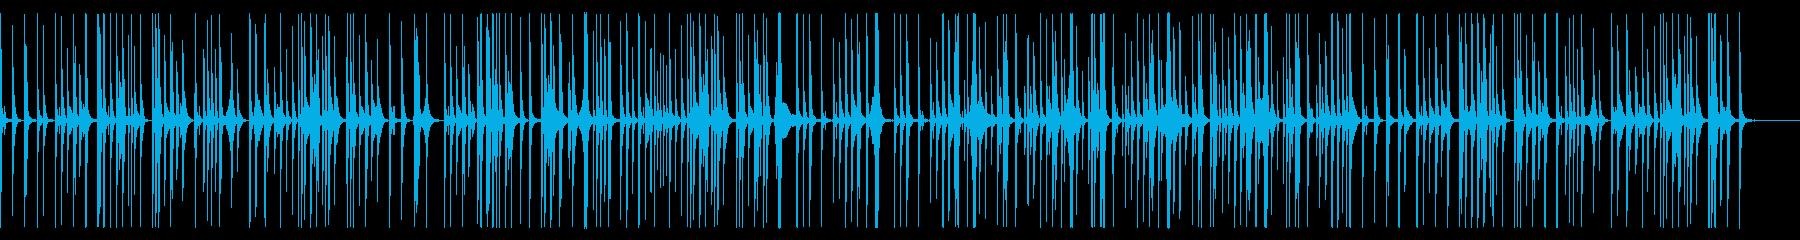 ワイングラスの音で作ったリズムBGMの再生済みの波形